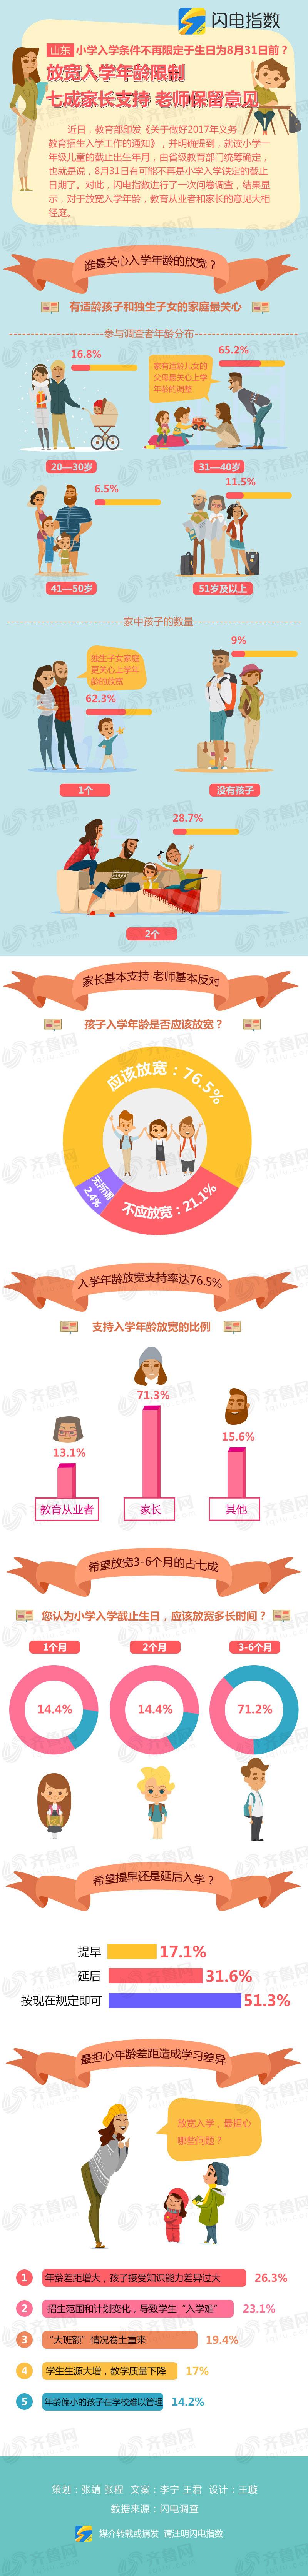 闪电调查(齐鲁网水印).jpg